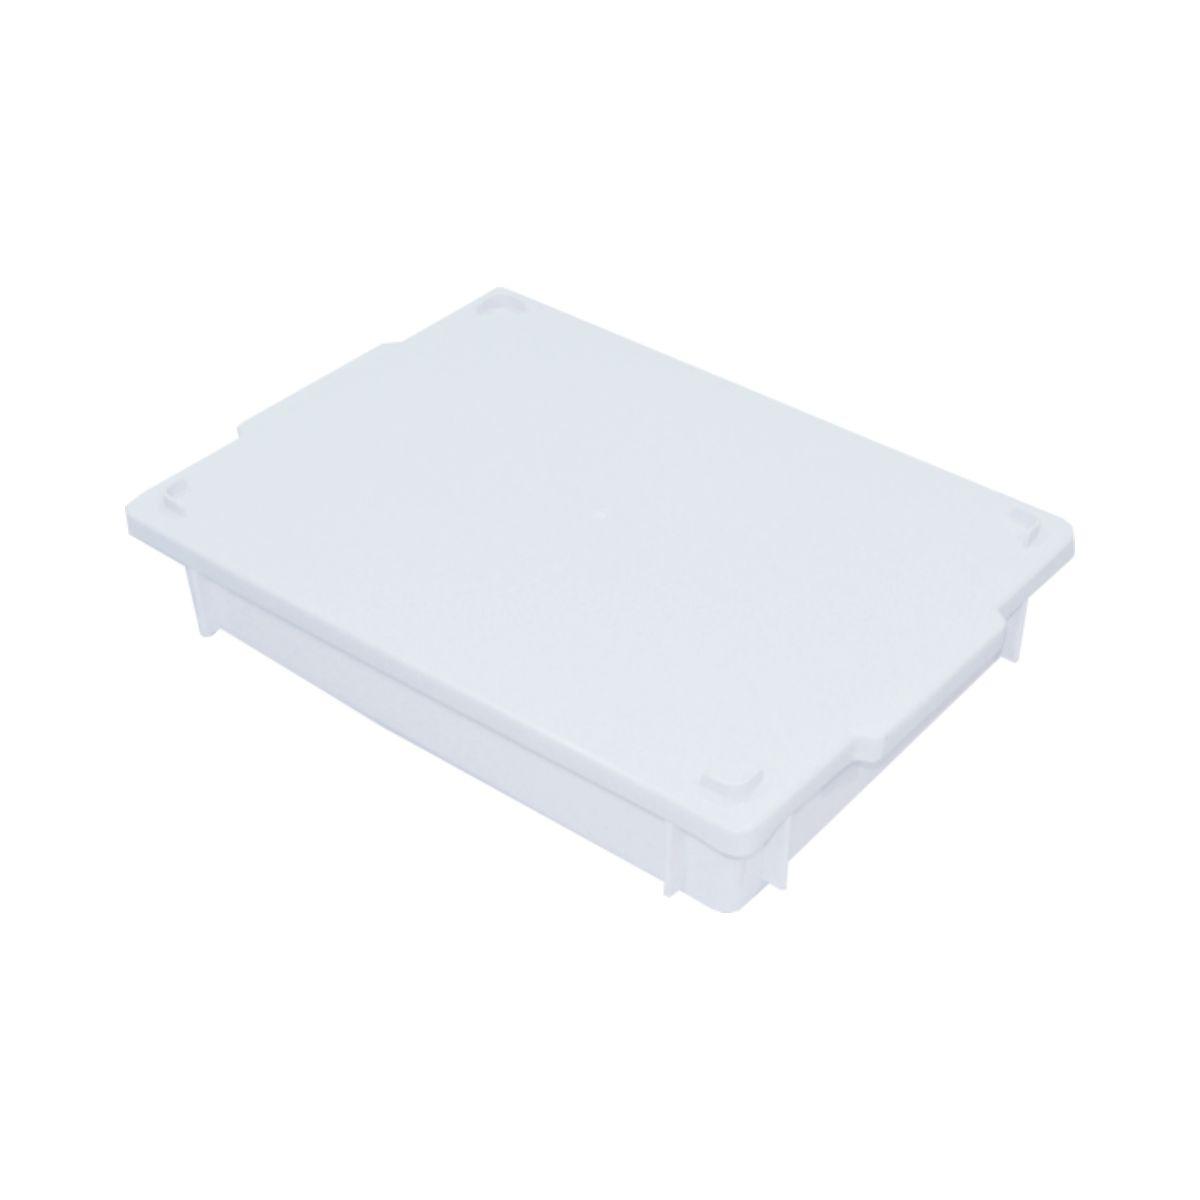 Caixa plástica empilhável c/ tampa 6,5L - S250